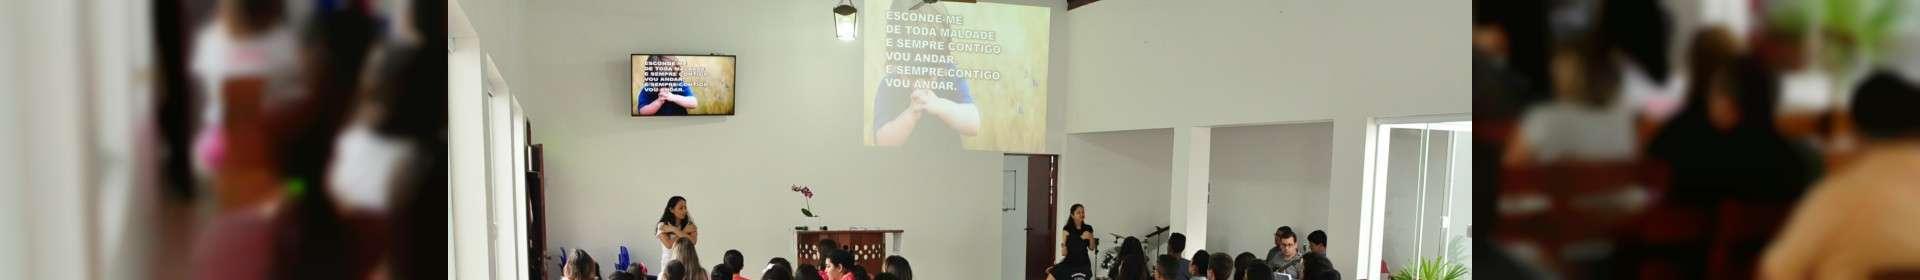 Igrejas Cristã Maranata de São José dos Campos realizam seminário de crianças